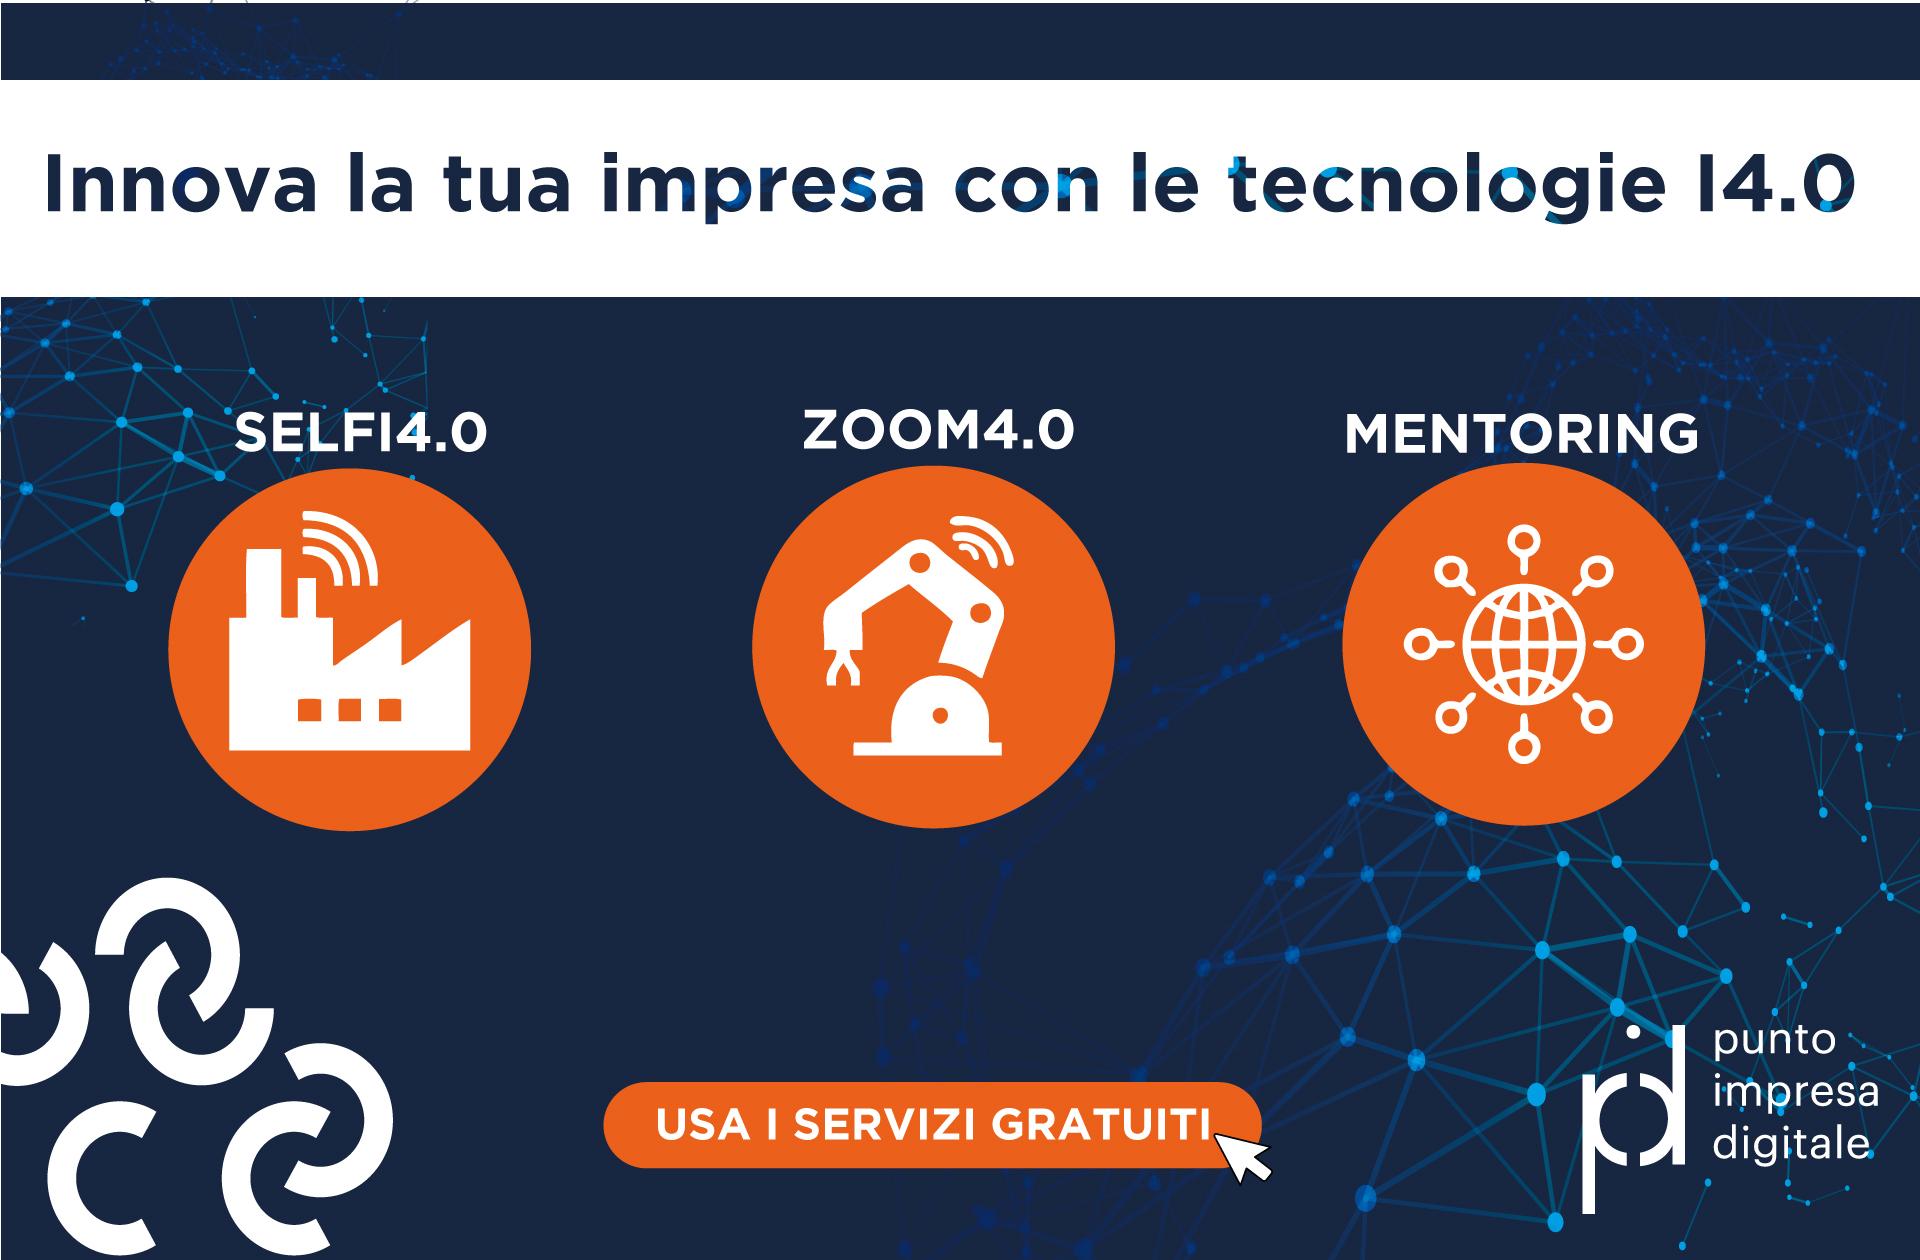 Lo sai che la Camera di commercio offre dei servizi gratuiti per innovare digitalmente la tua impresa?